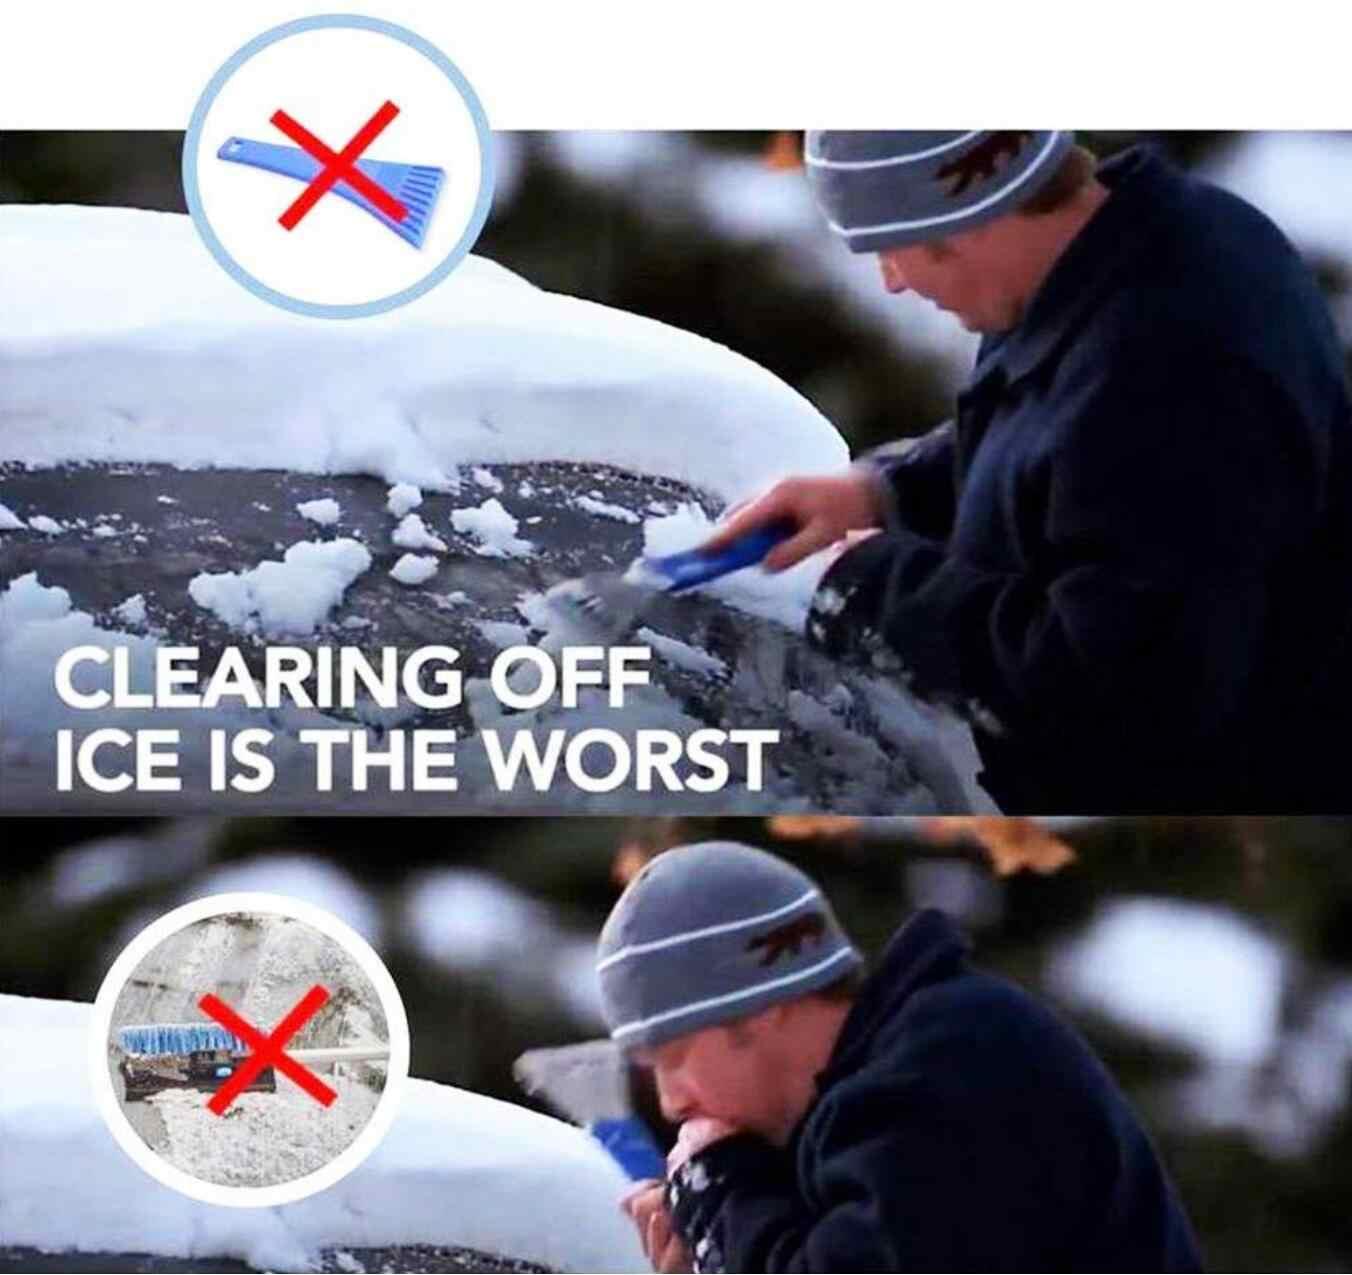 Limpiaparabrisas para ventana de coche, removedor de hielo, embudo, removedor de nieve para Gran Pared, Haval Hover H3 H5 H6 H7 H9 H8 H2 M4 SC C30 C50